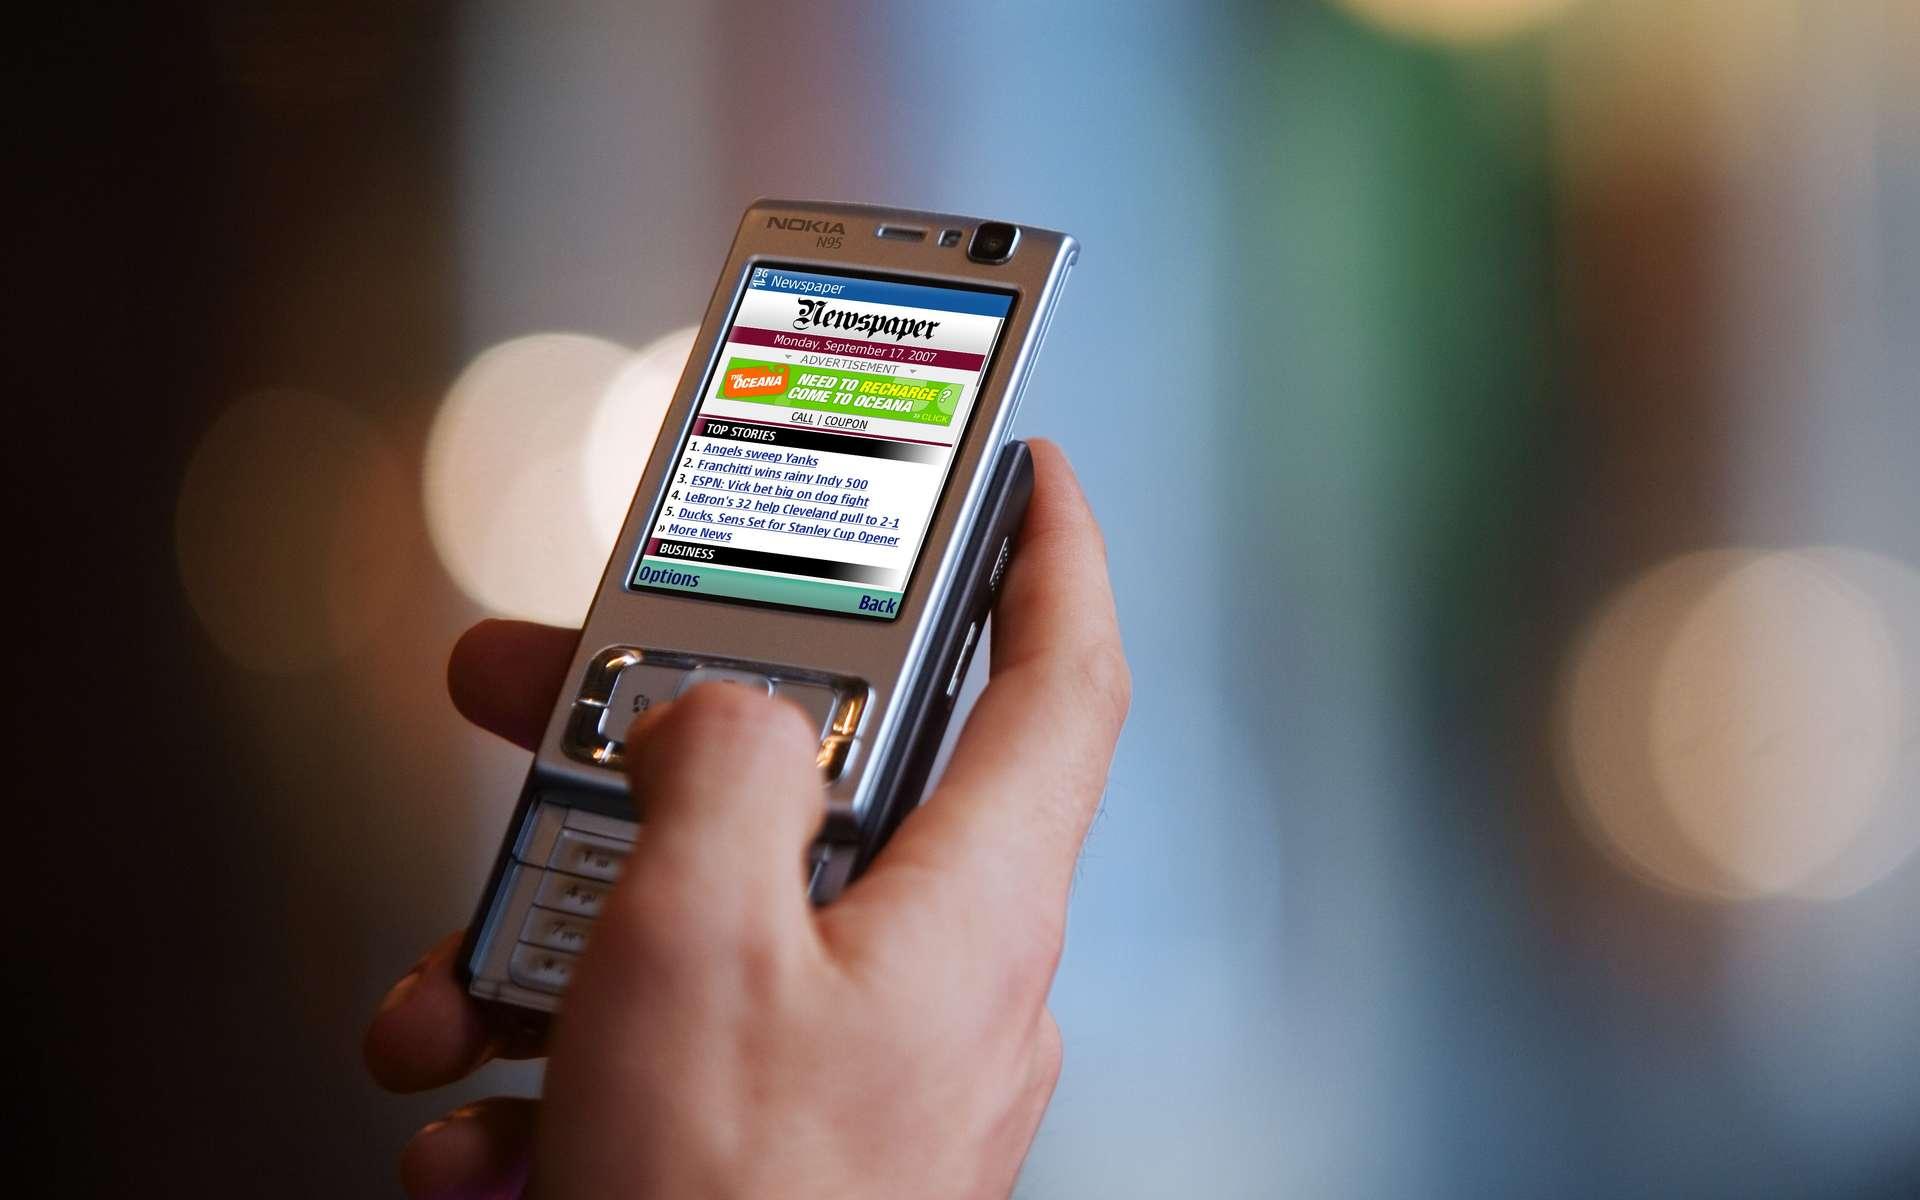 « A l'étranger, mon mobile me connecte sans problème à Internet ! C'est merveilleux... » Merveilleux, oui, mais pas gratuit. © DR